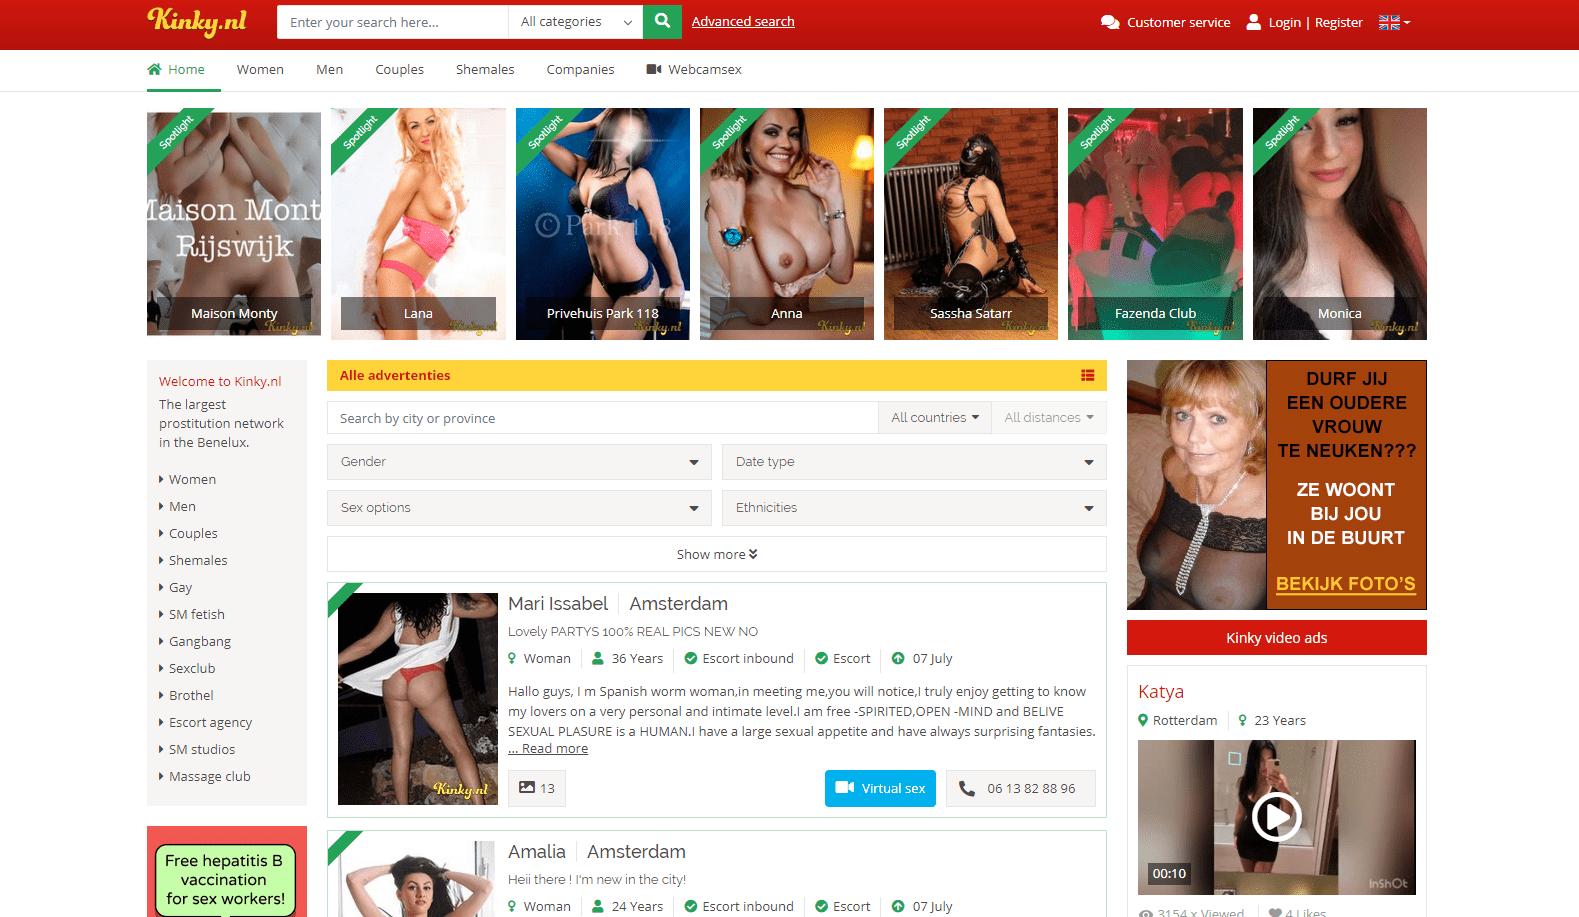 kinky.nl, Kinky.nl